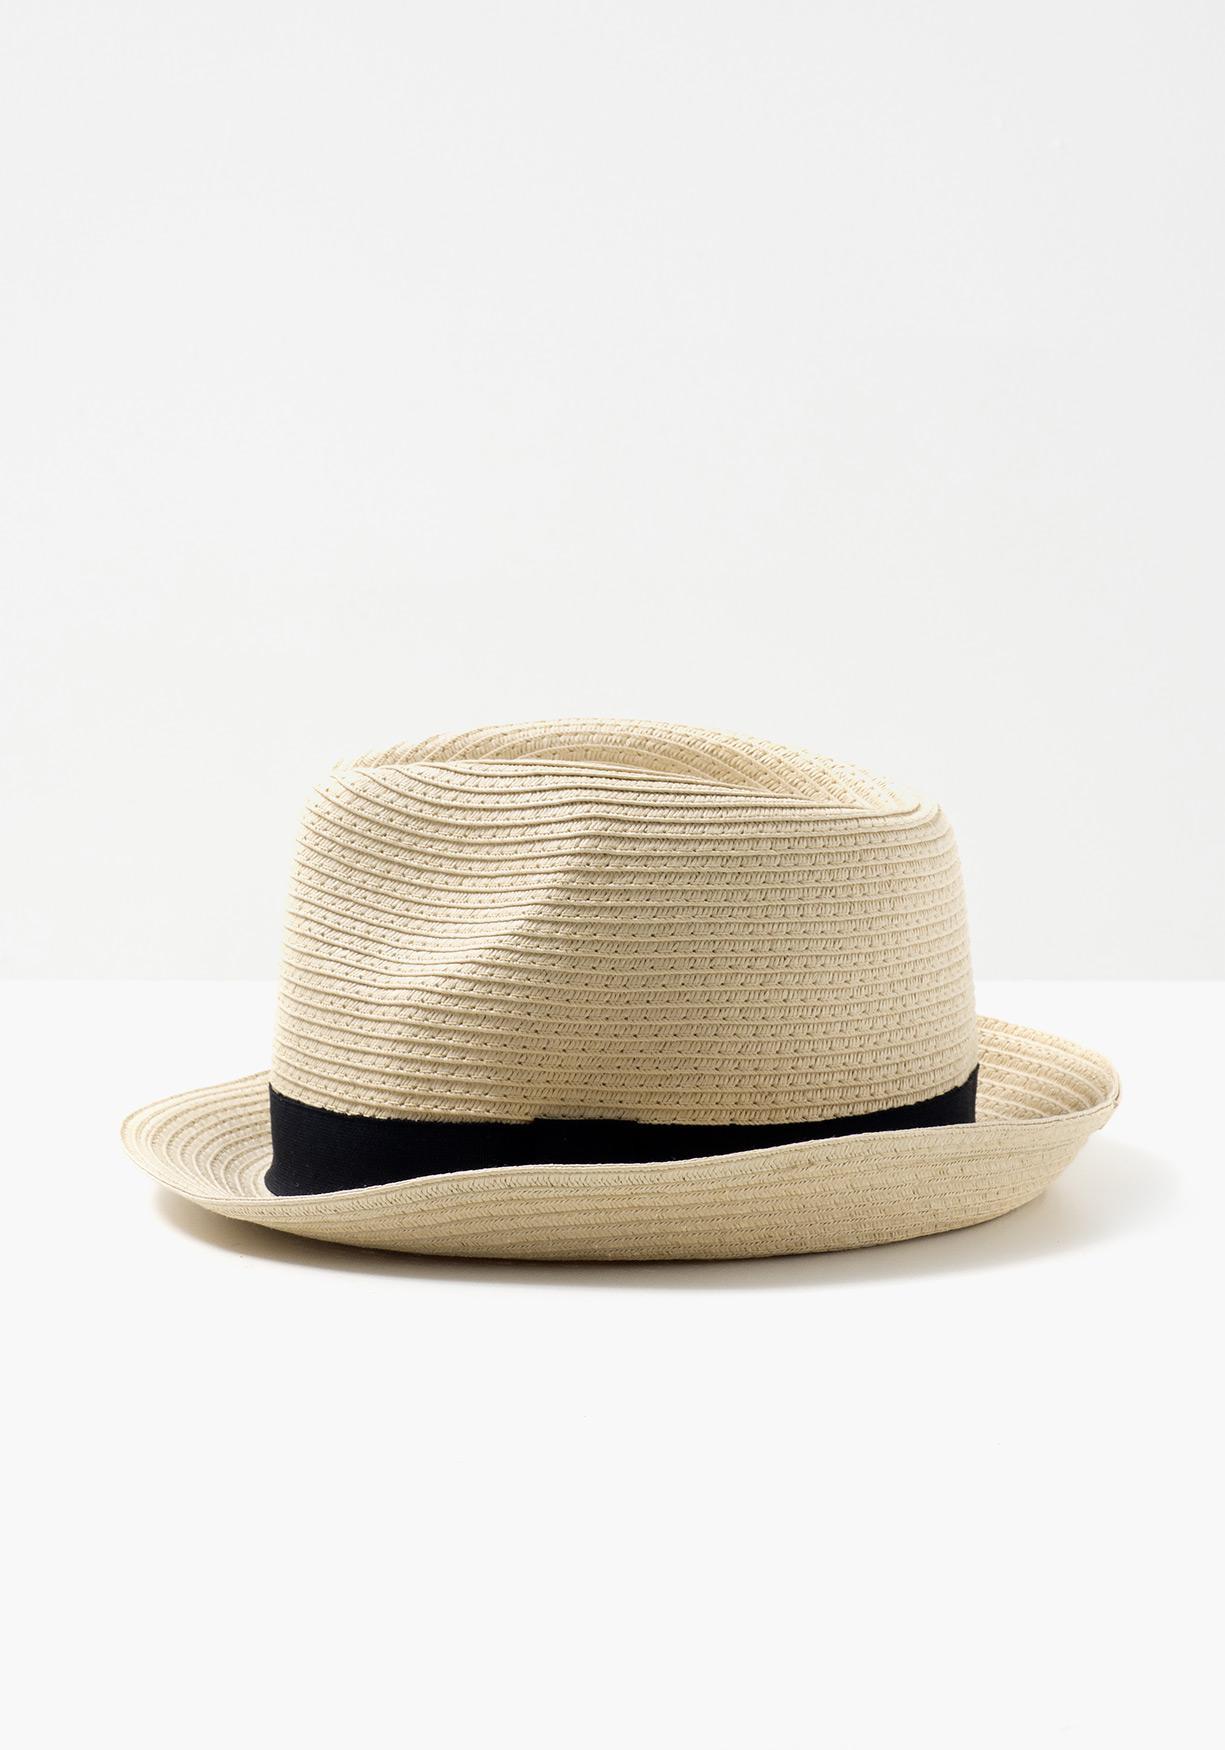 152899e87b548 Comprar Sombrero de mujer borsalino basico. ¡Aprovéchate de nuestros ...